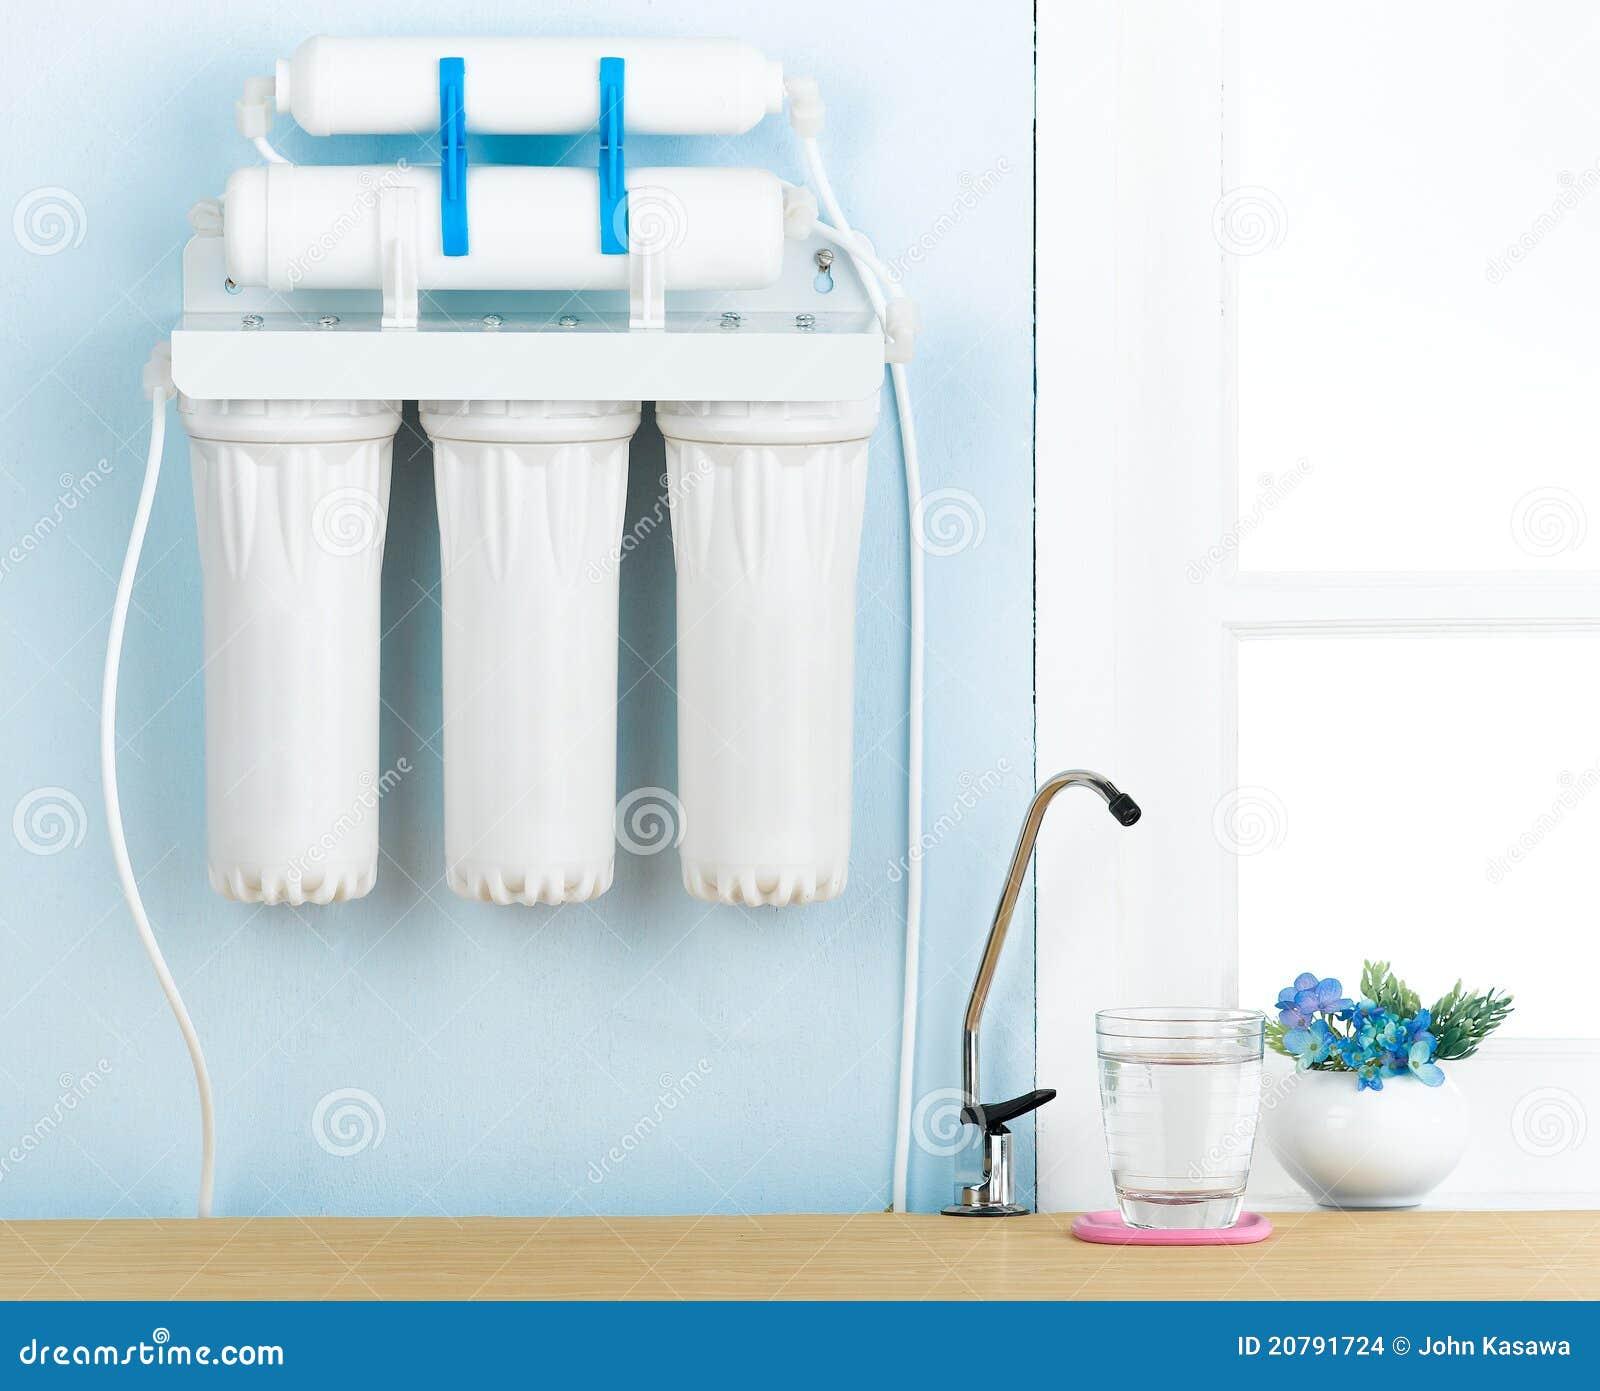 filtro del agua potable imagenes de archivo imagen 20791724